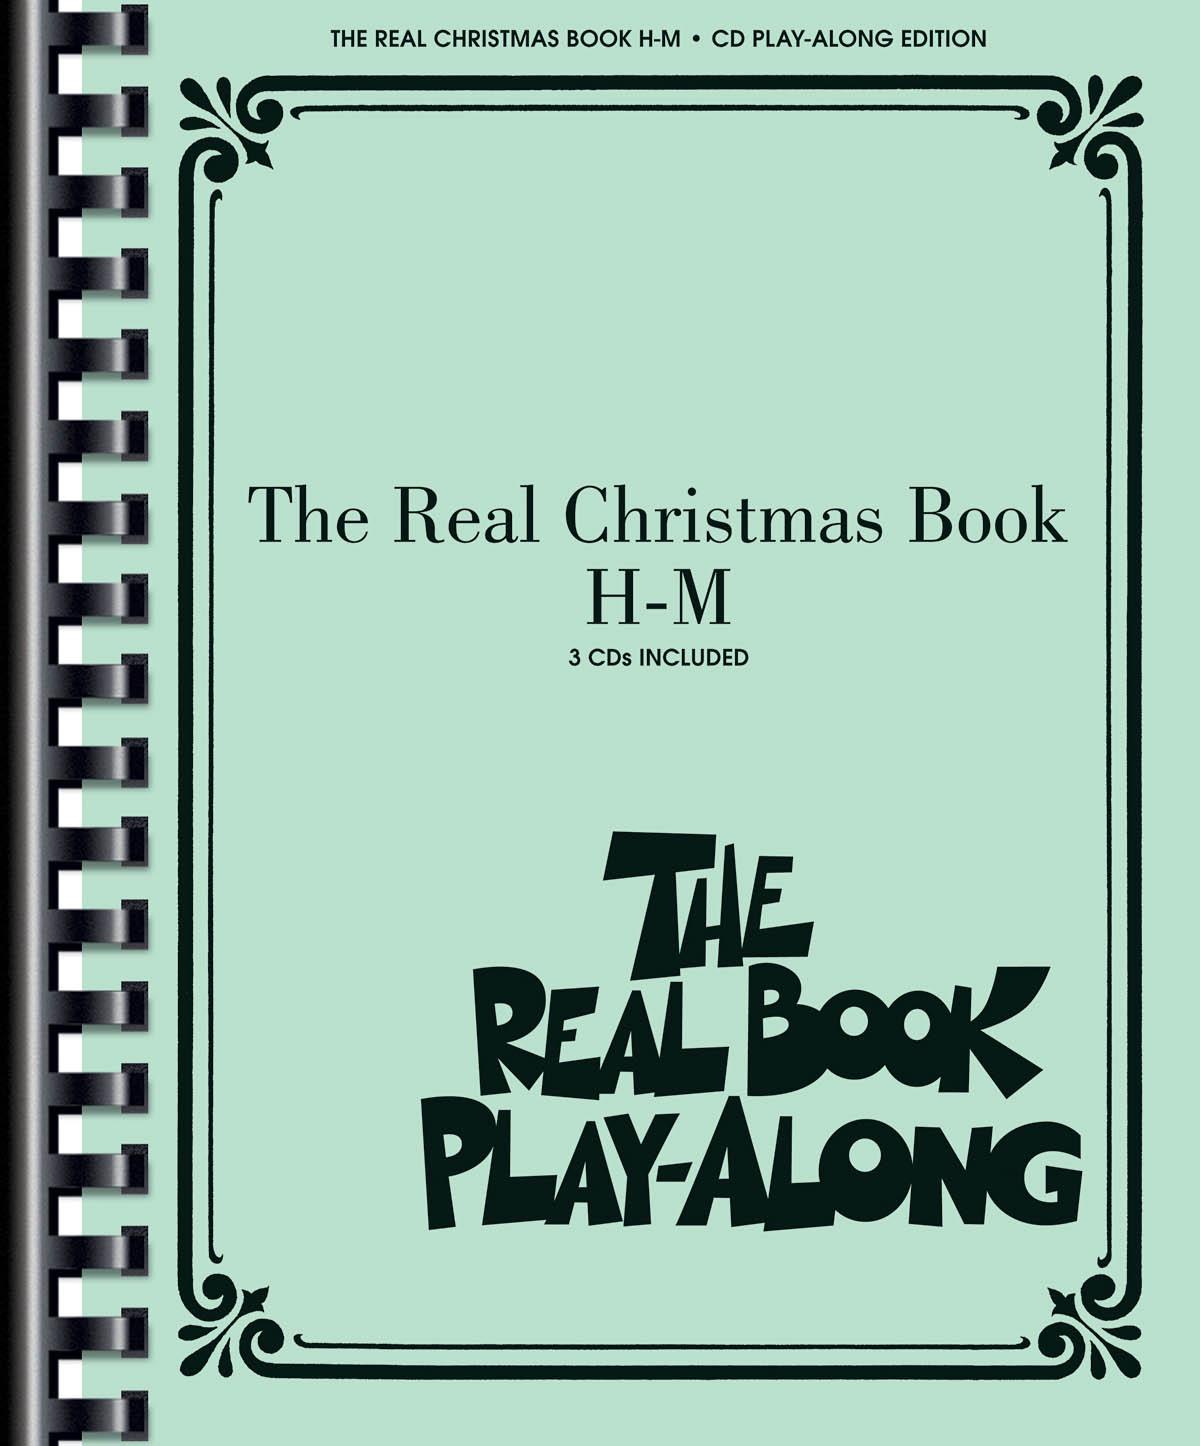 Real Christmas Play-Along H-M